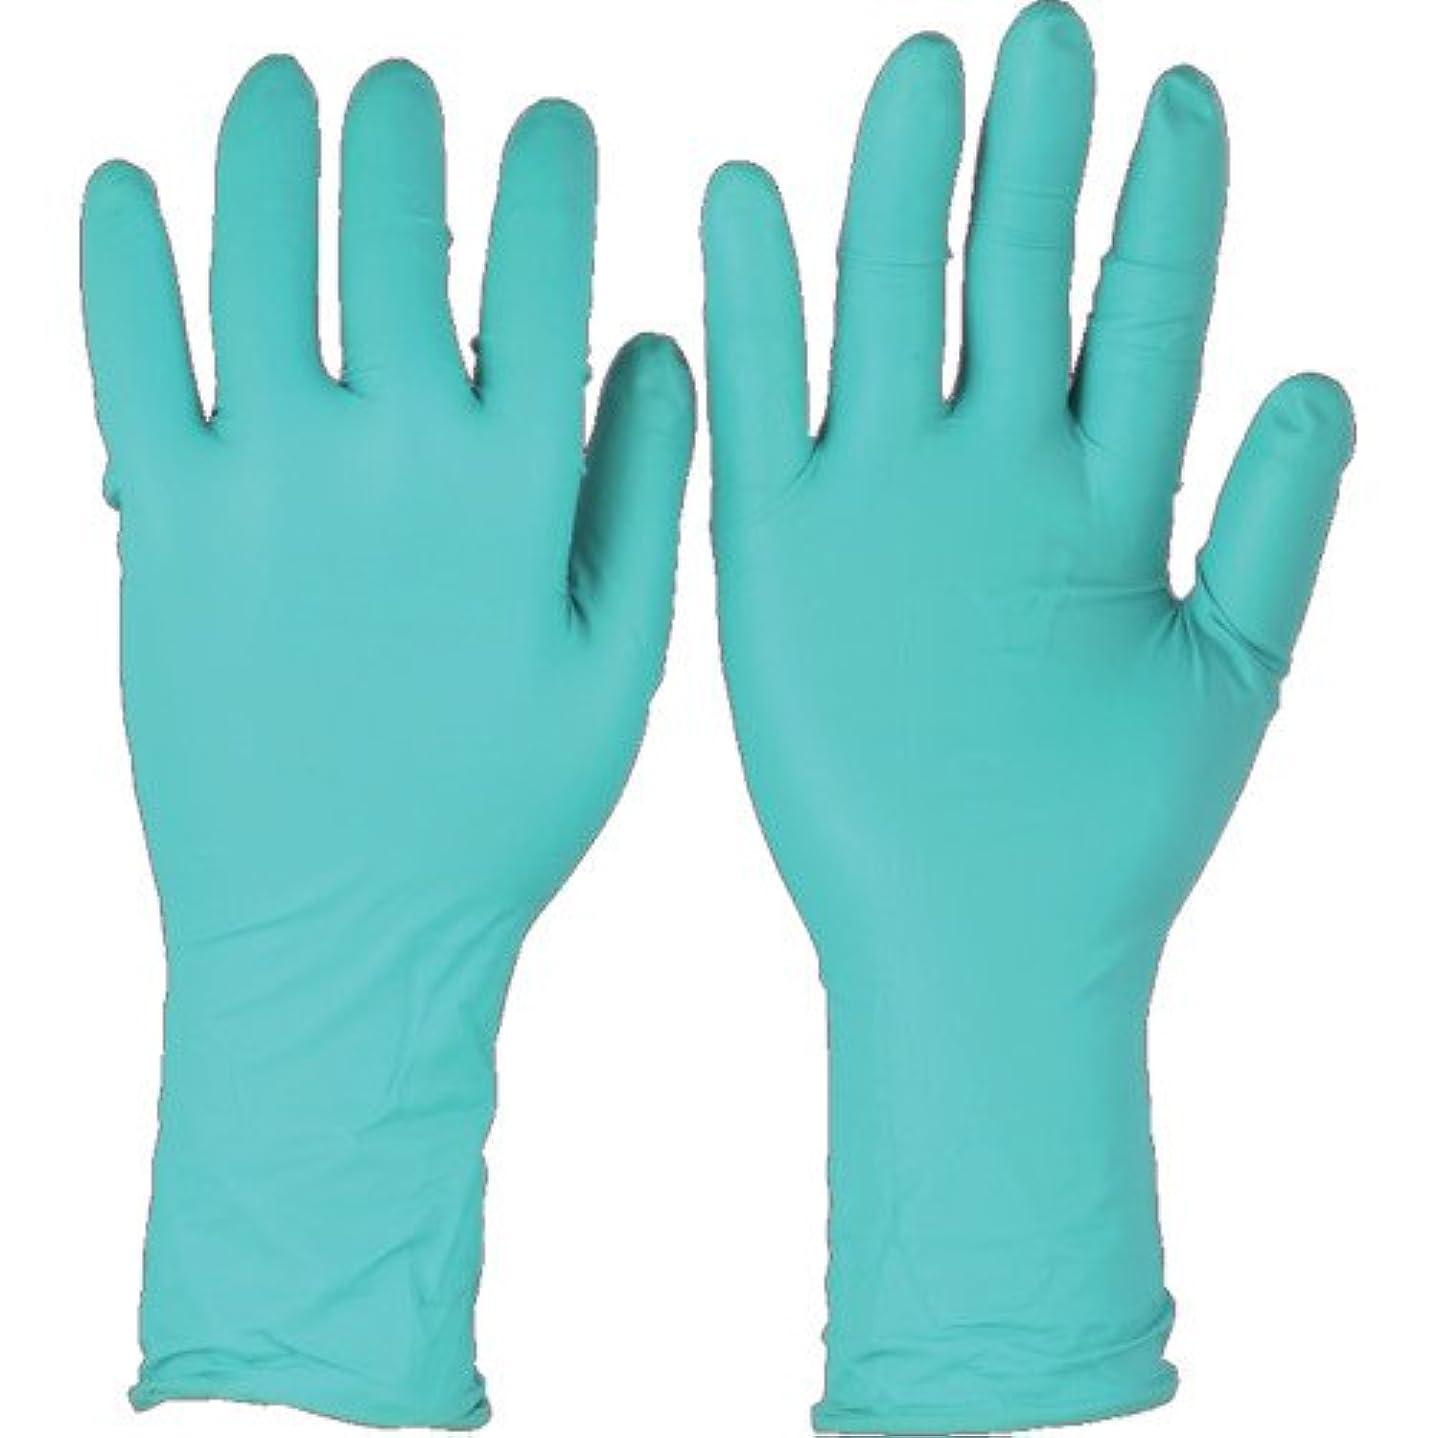 トラスコ中山 アンセル ネオプレンゴム使い捨て手袋 マイクロフレックス 93-260 XLサイズ (50枚入)  9326010